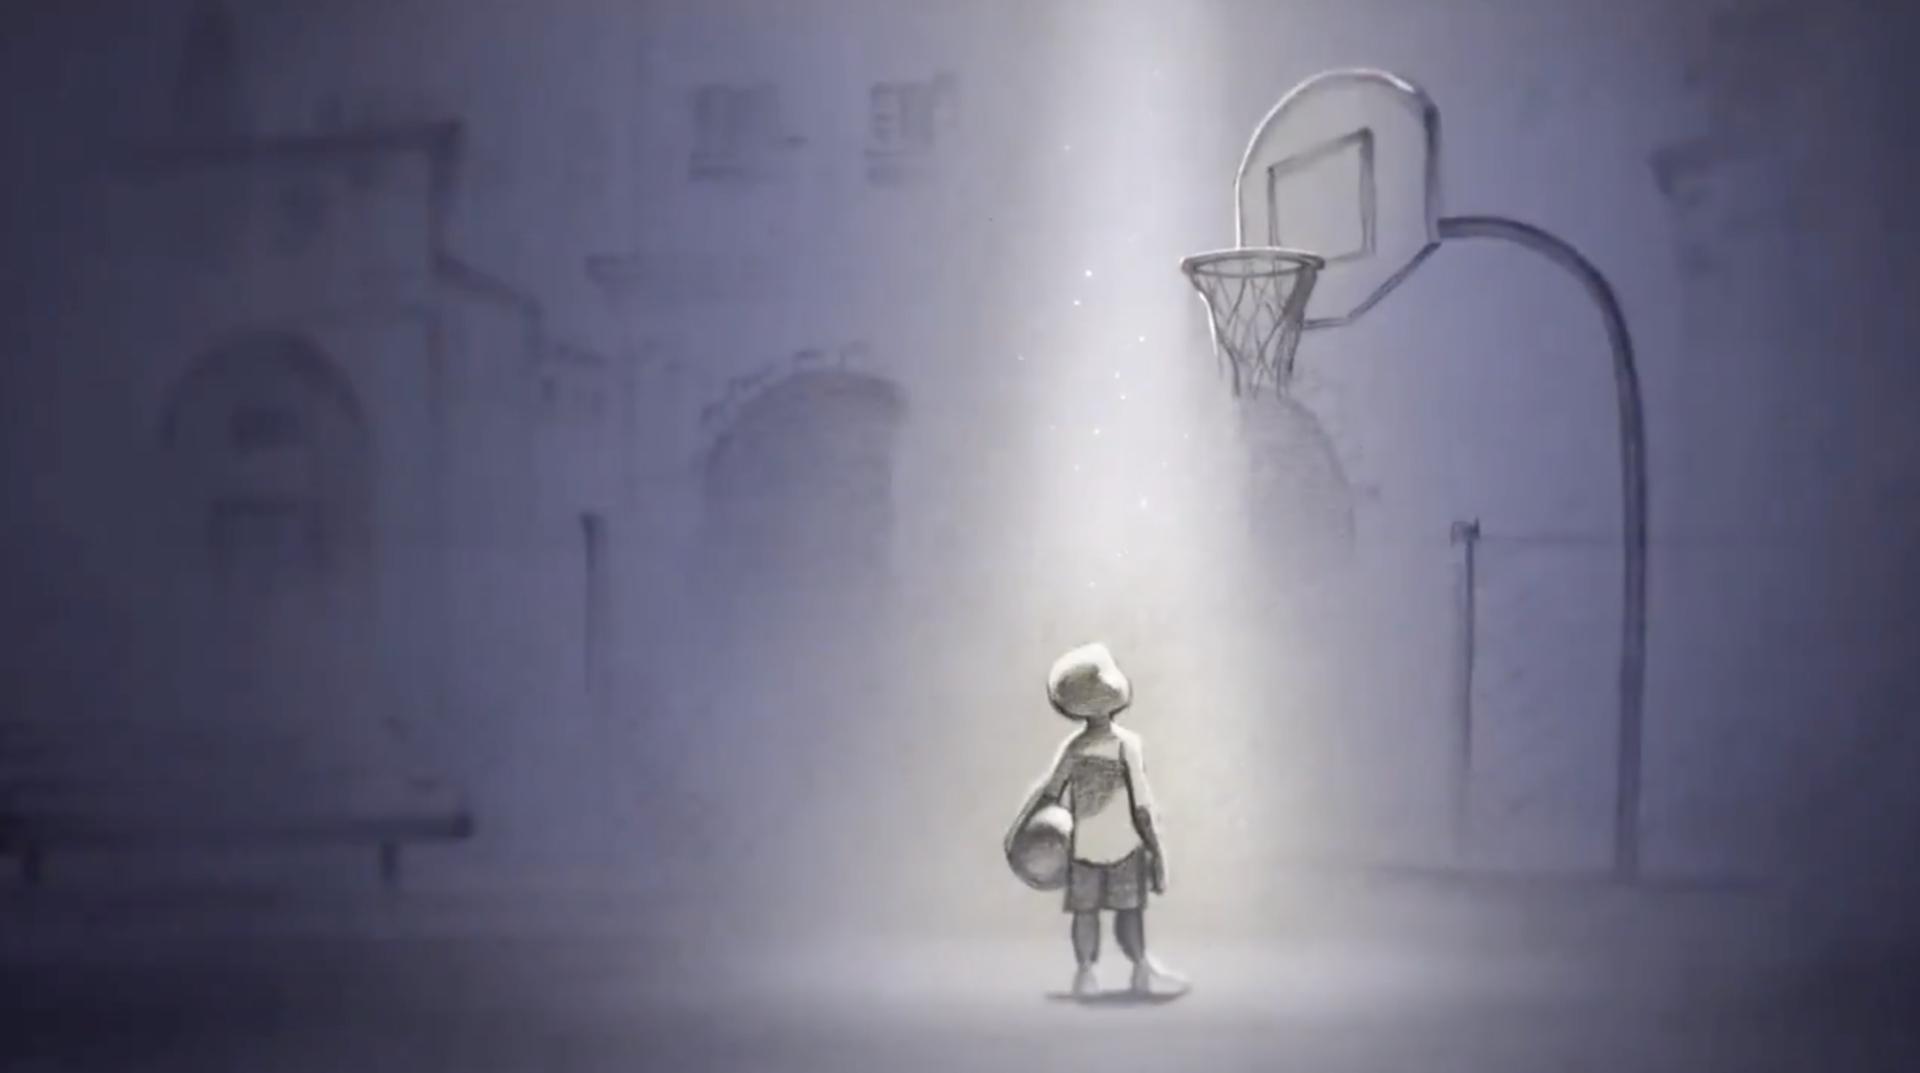 «Cara pallacanestro, mi ero innamorato di te»: il commovente corto animato firmato da Kobe Bryant – Il video